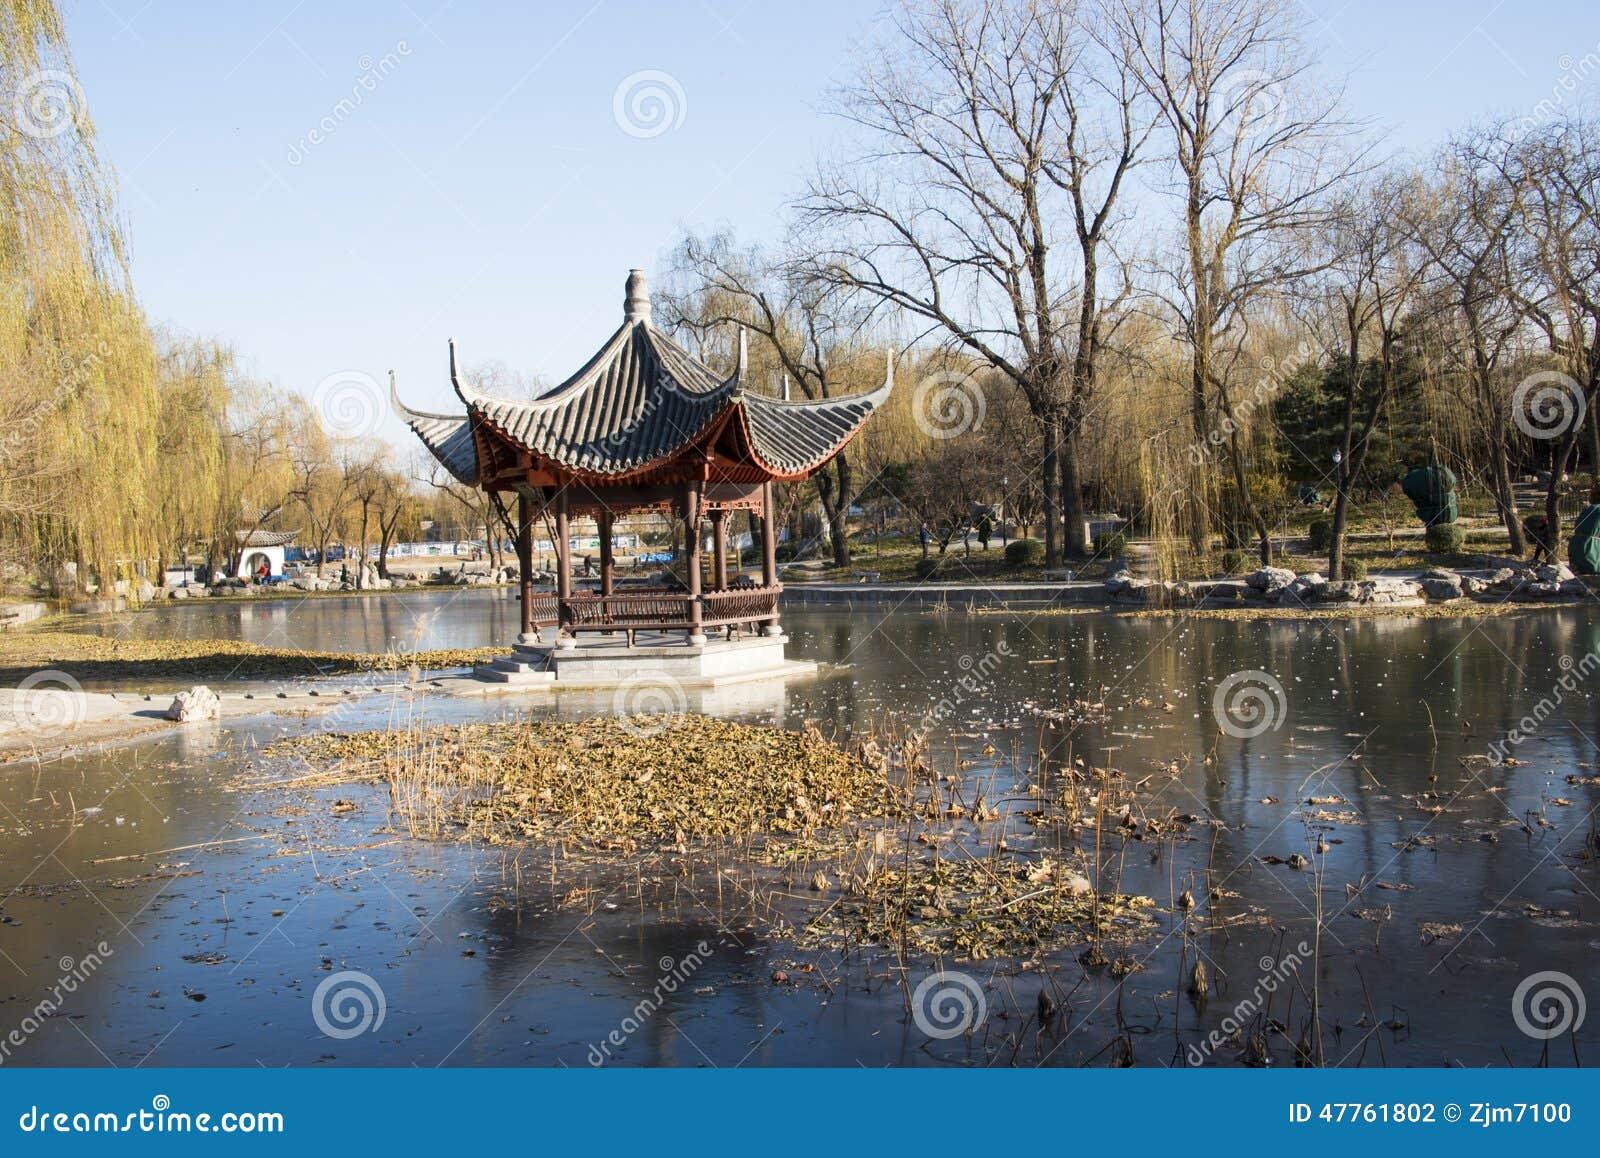 asiatique chine p kin parc de taoranting paysage d 39 hiver pavillons terrasses et halls. Black Bedroom Furniture Sets. Home Design Ideas